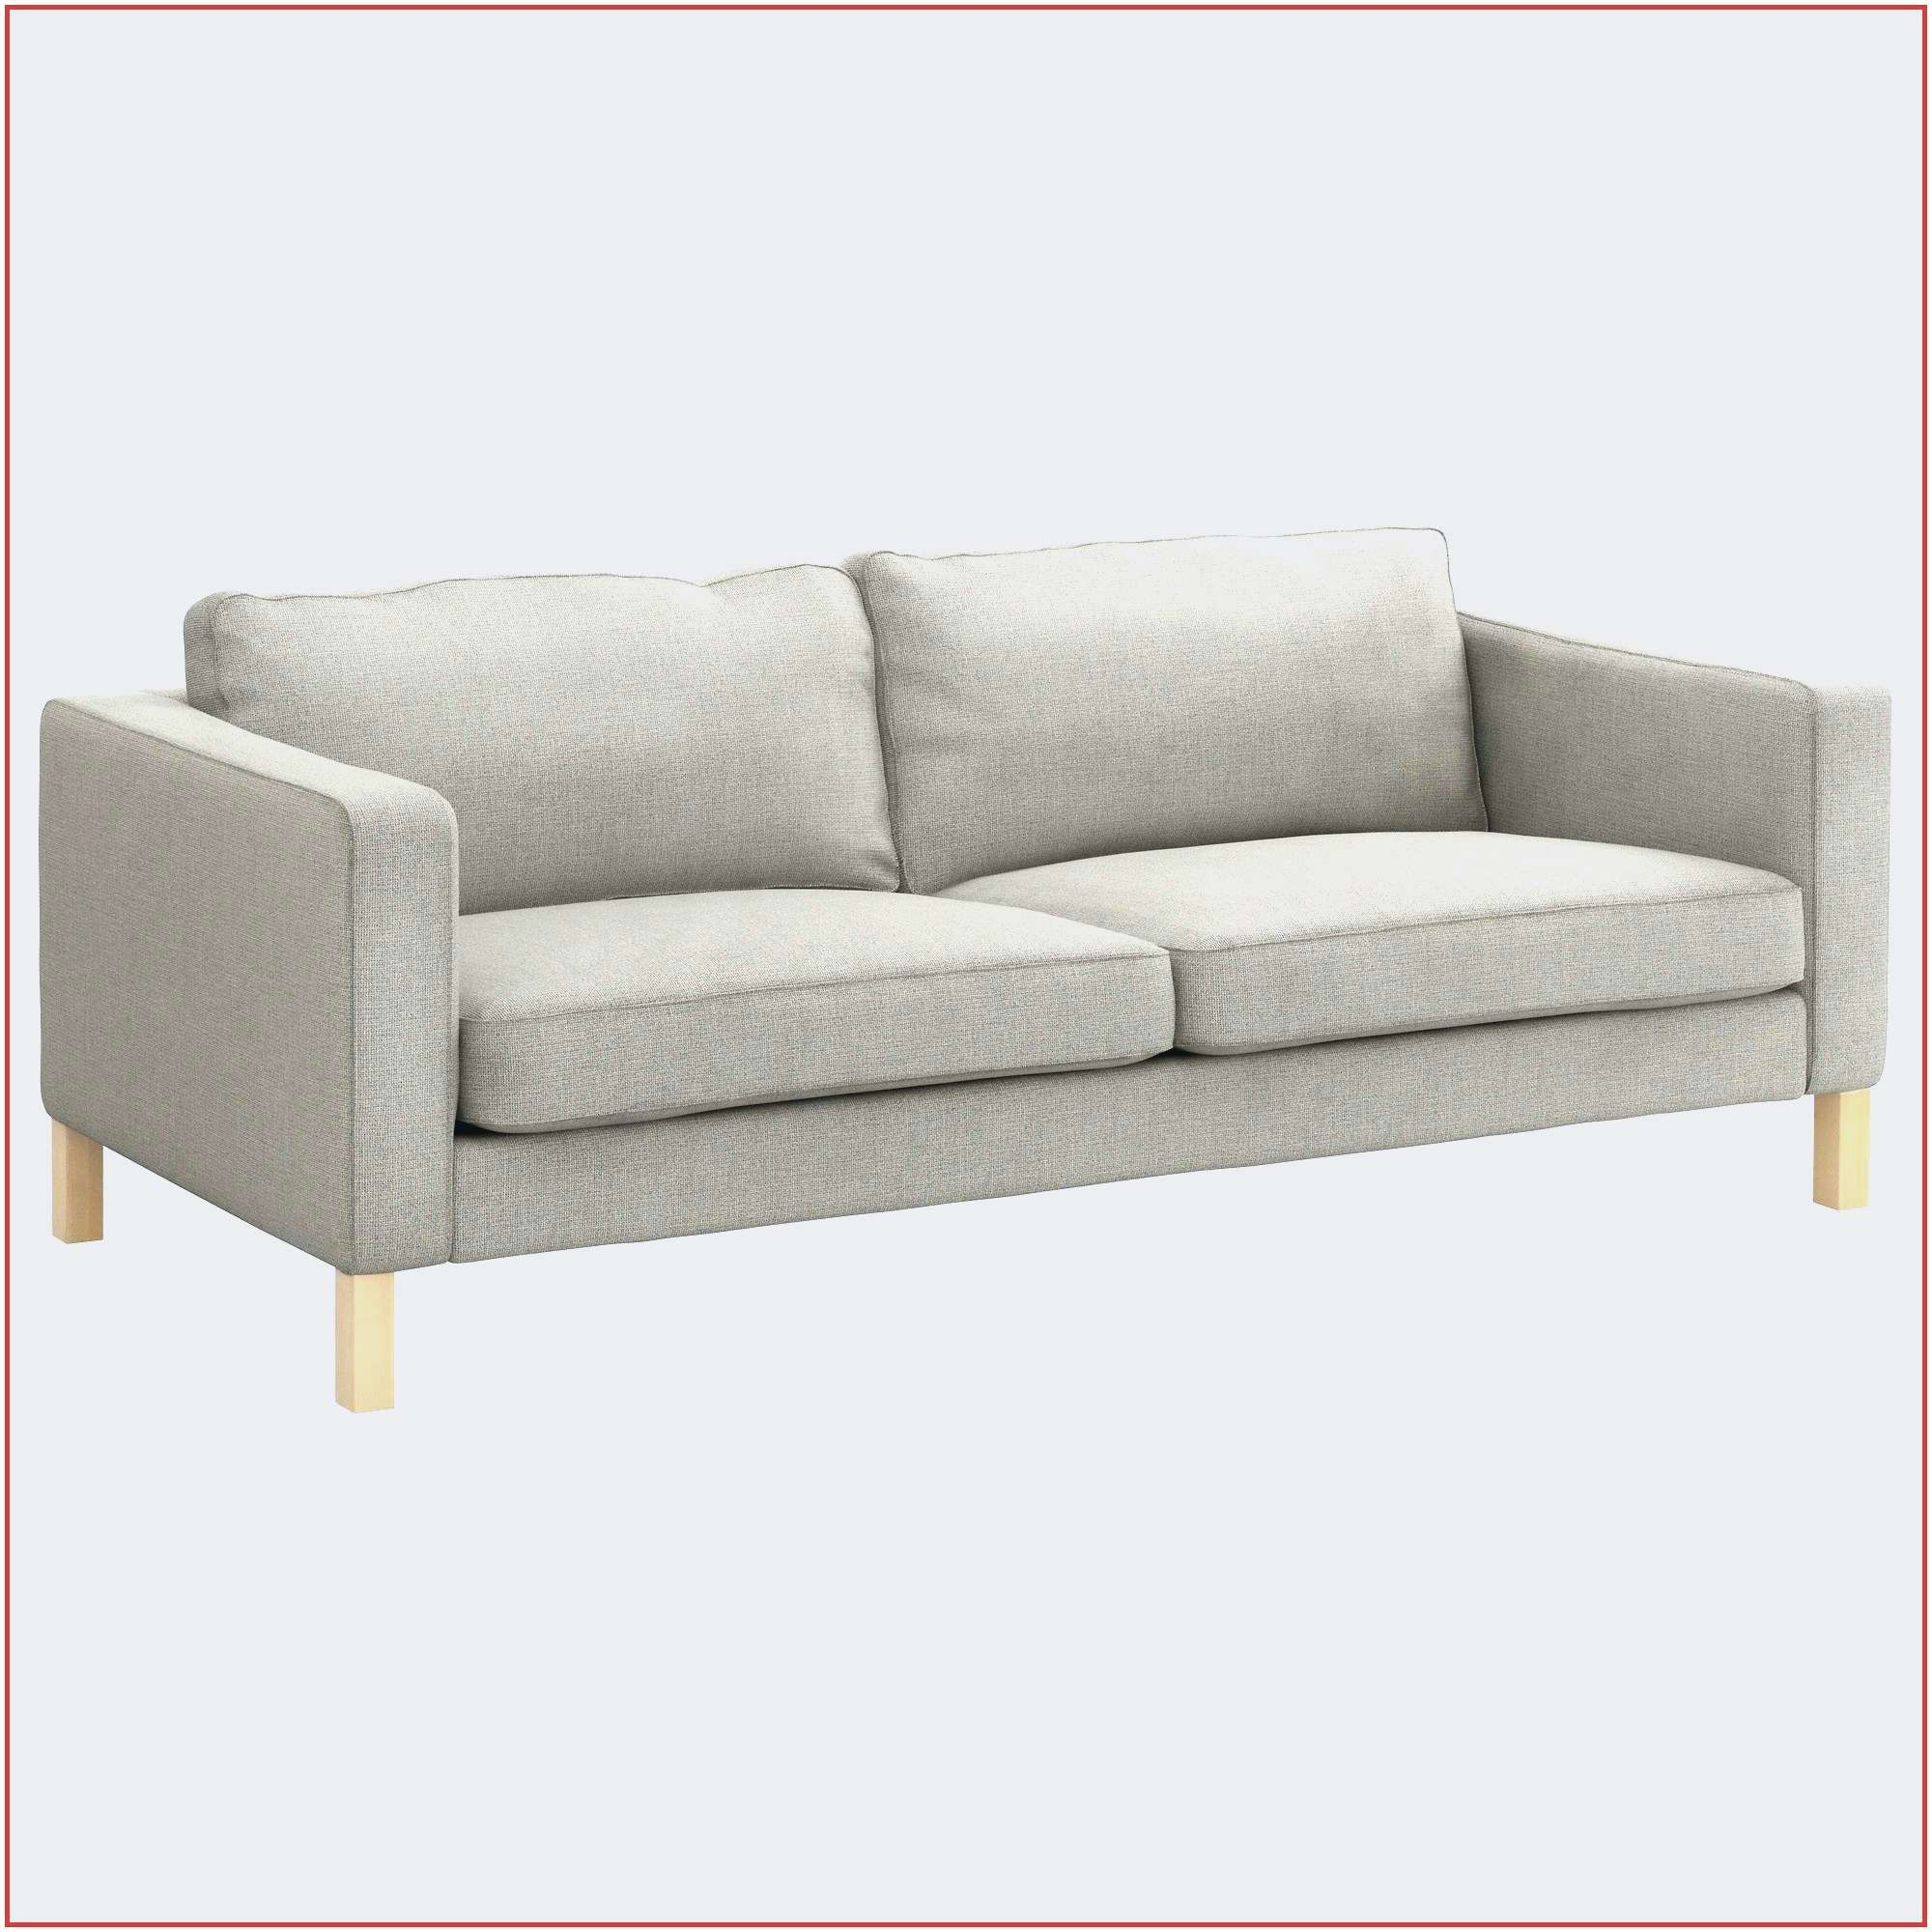 Lit Superposé Clic Clac Beau Frais Ikea Canape Clic Clac New 107 Best Canapés Pinterest Pour